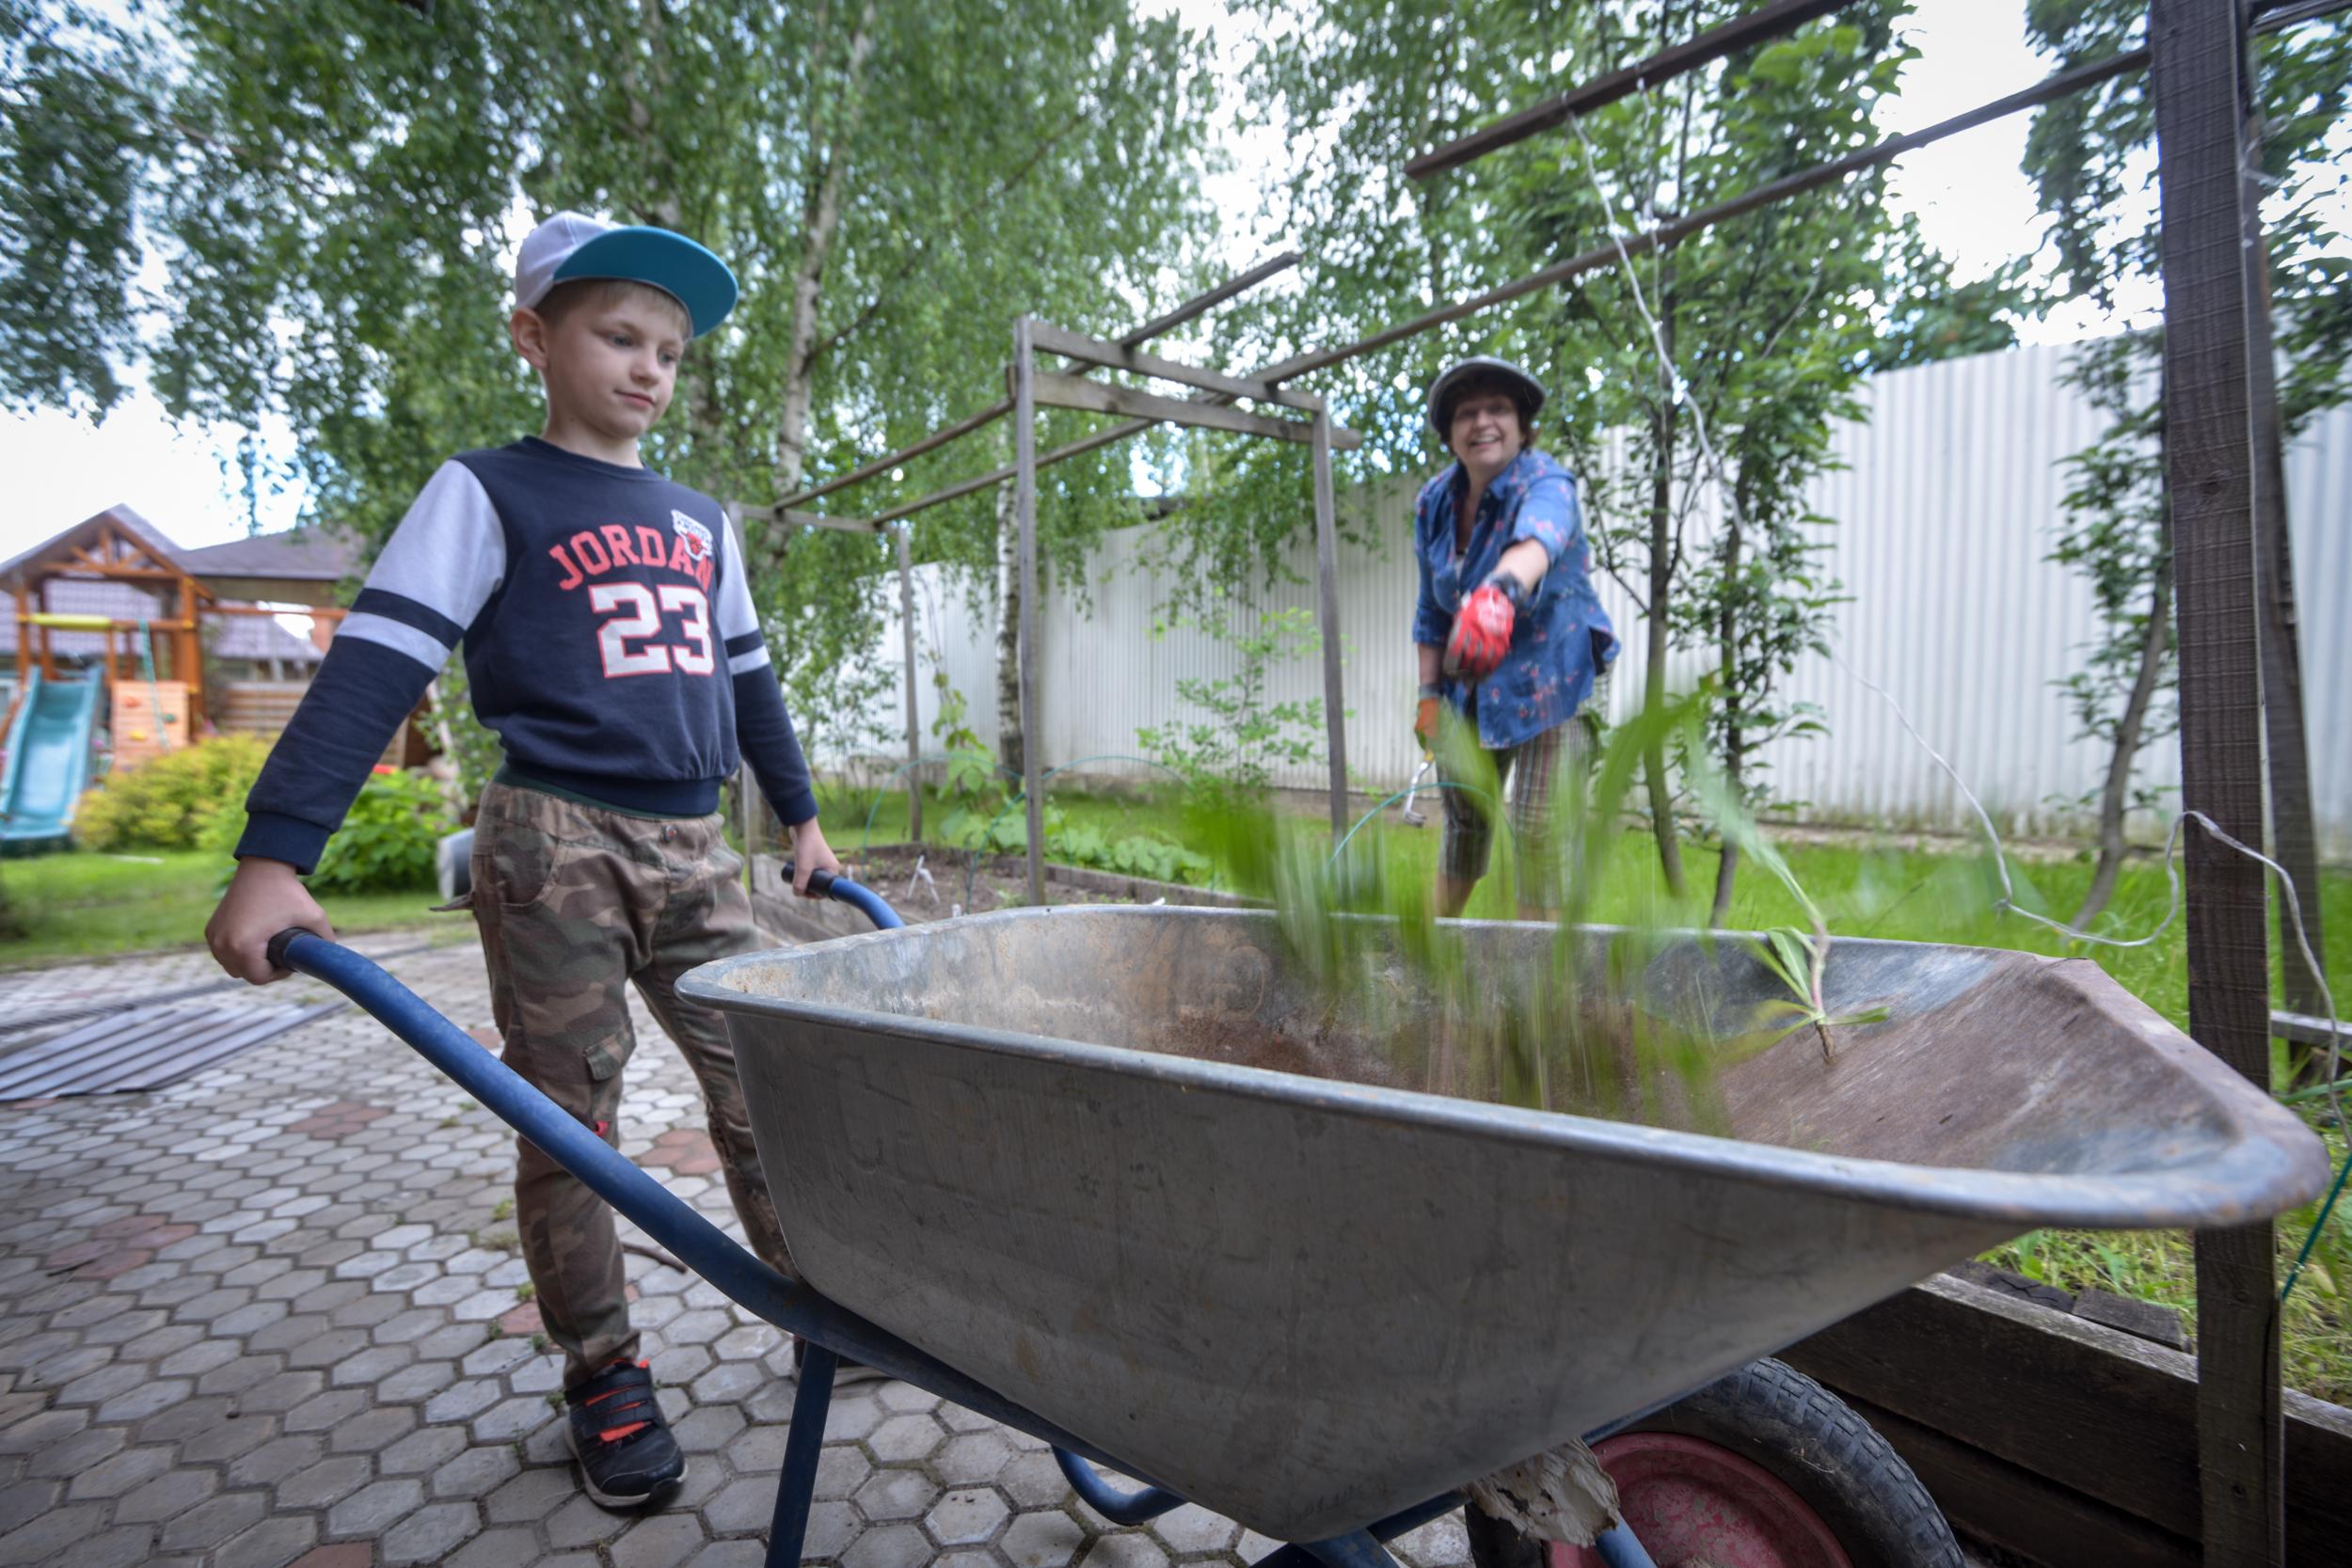 Школьники из Внуковского поучаствовали в сборе урожая. Фото: архив, «Вечерняя Москва»